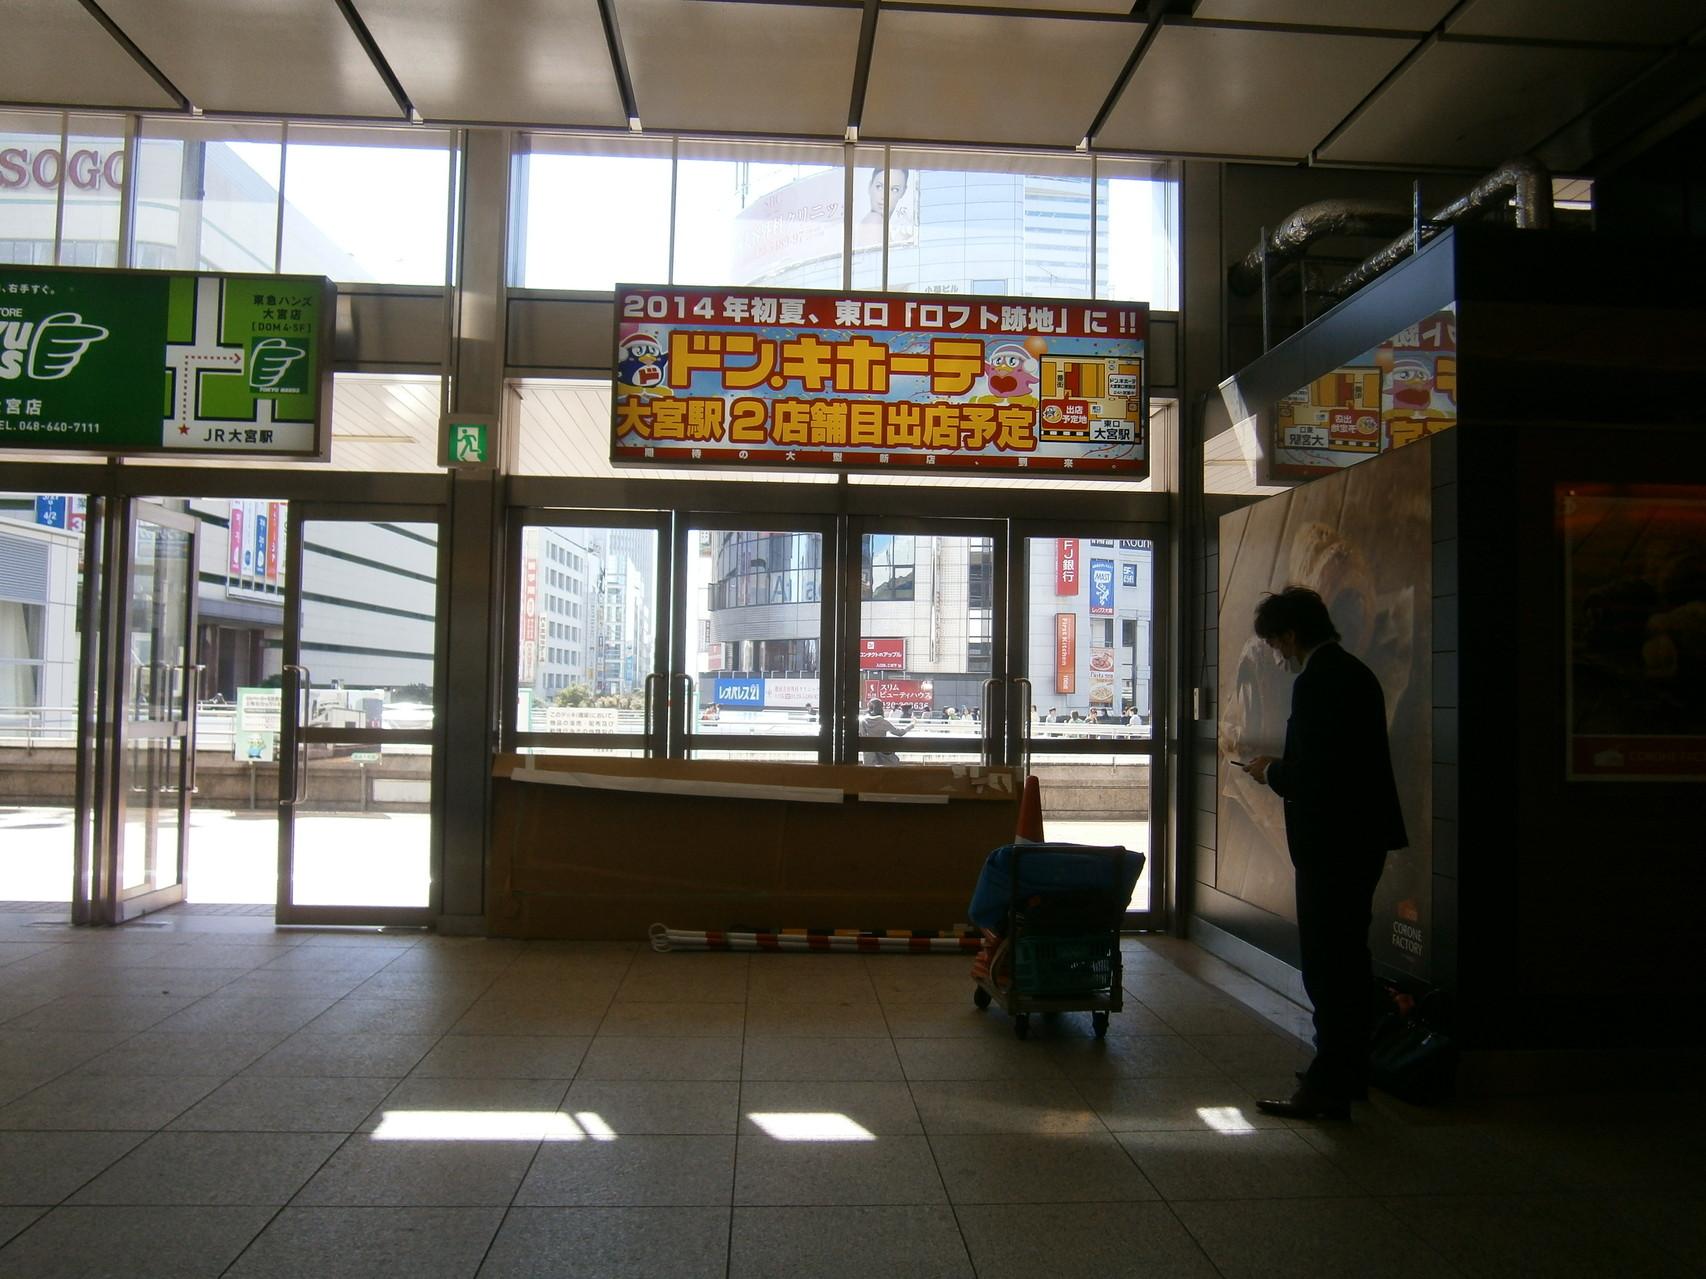 駅構内広告看板